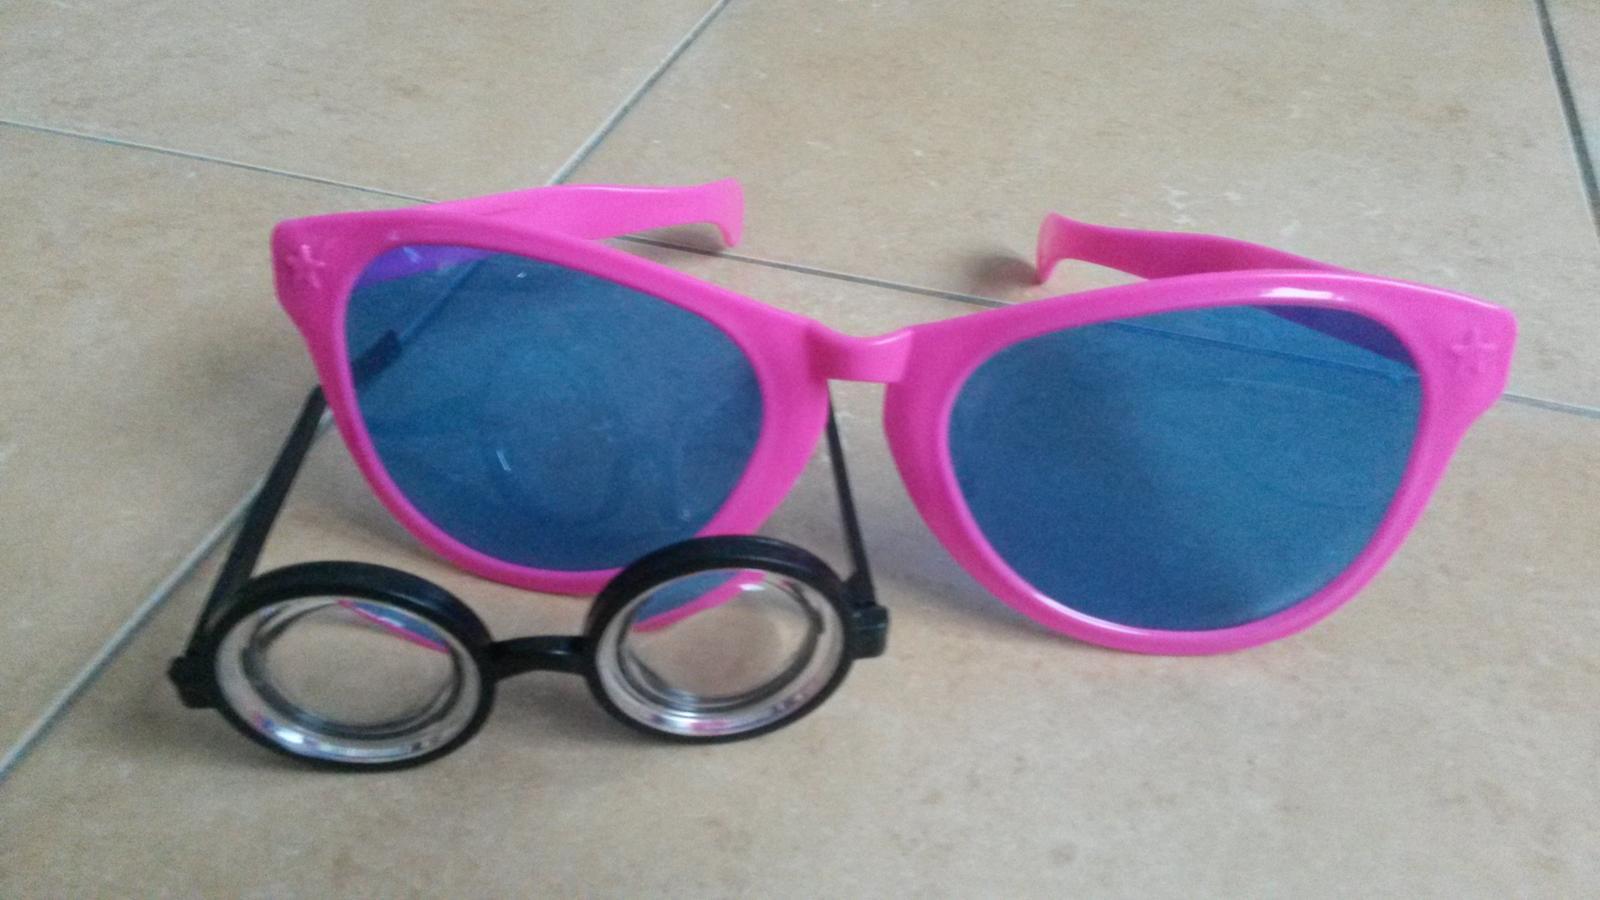 Žertovné brýle - Obrázek č. 2